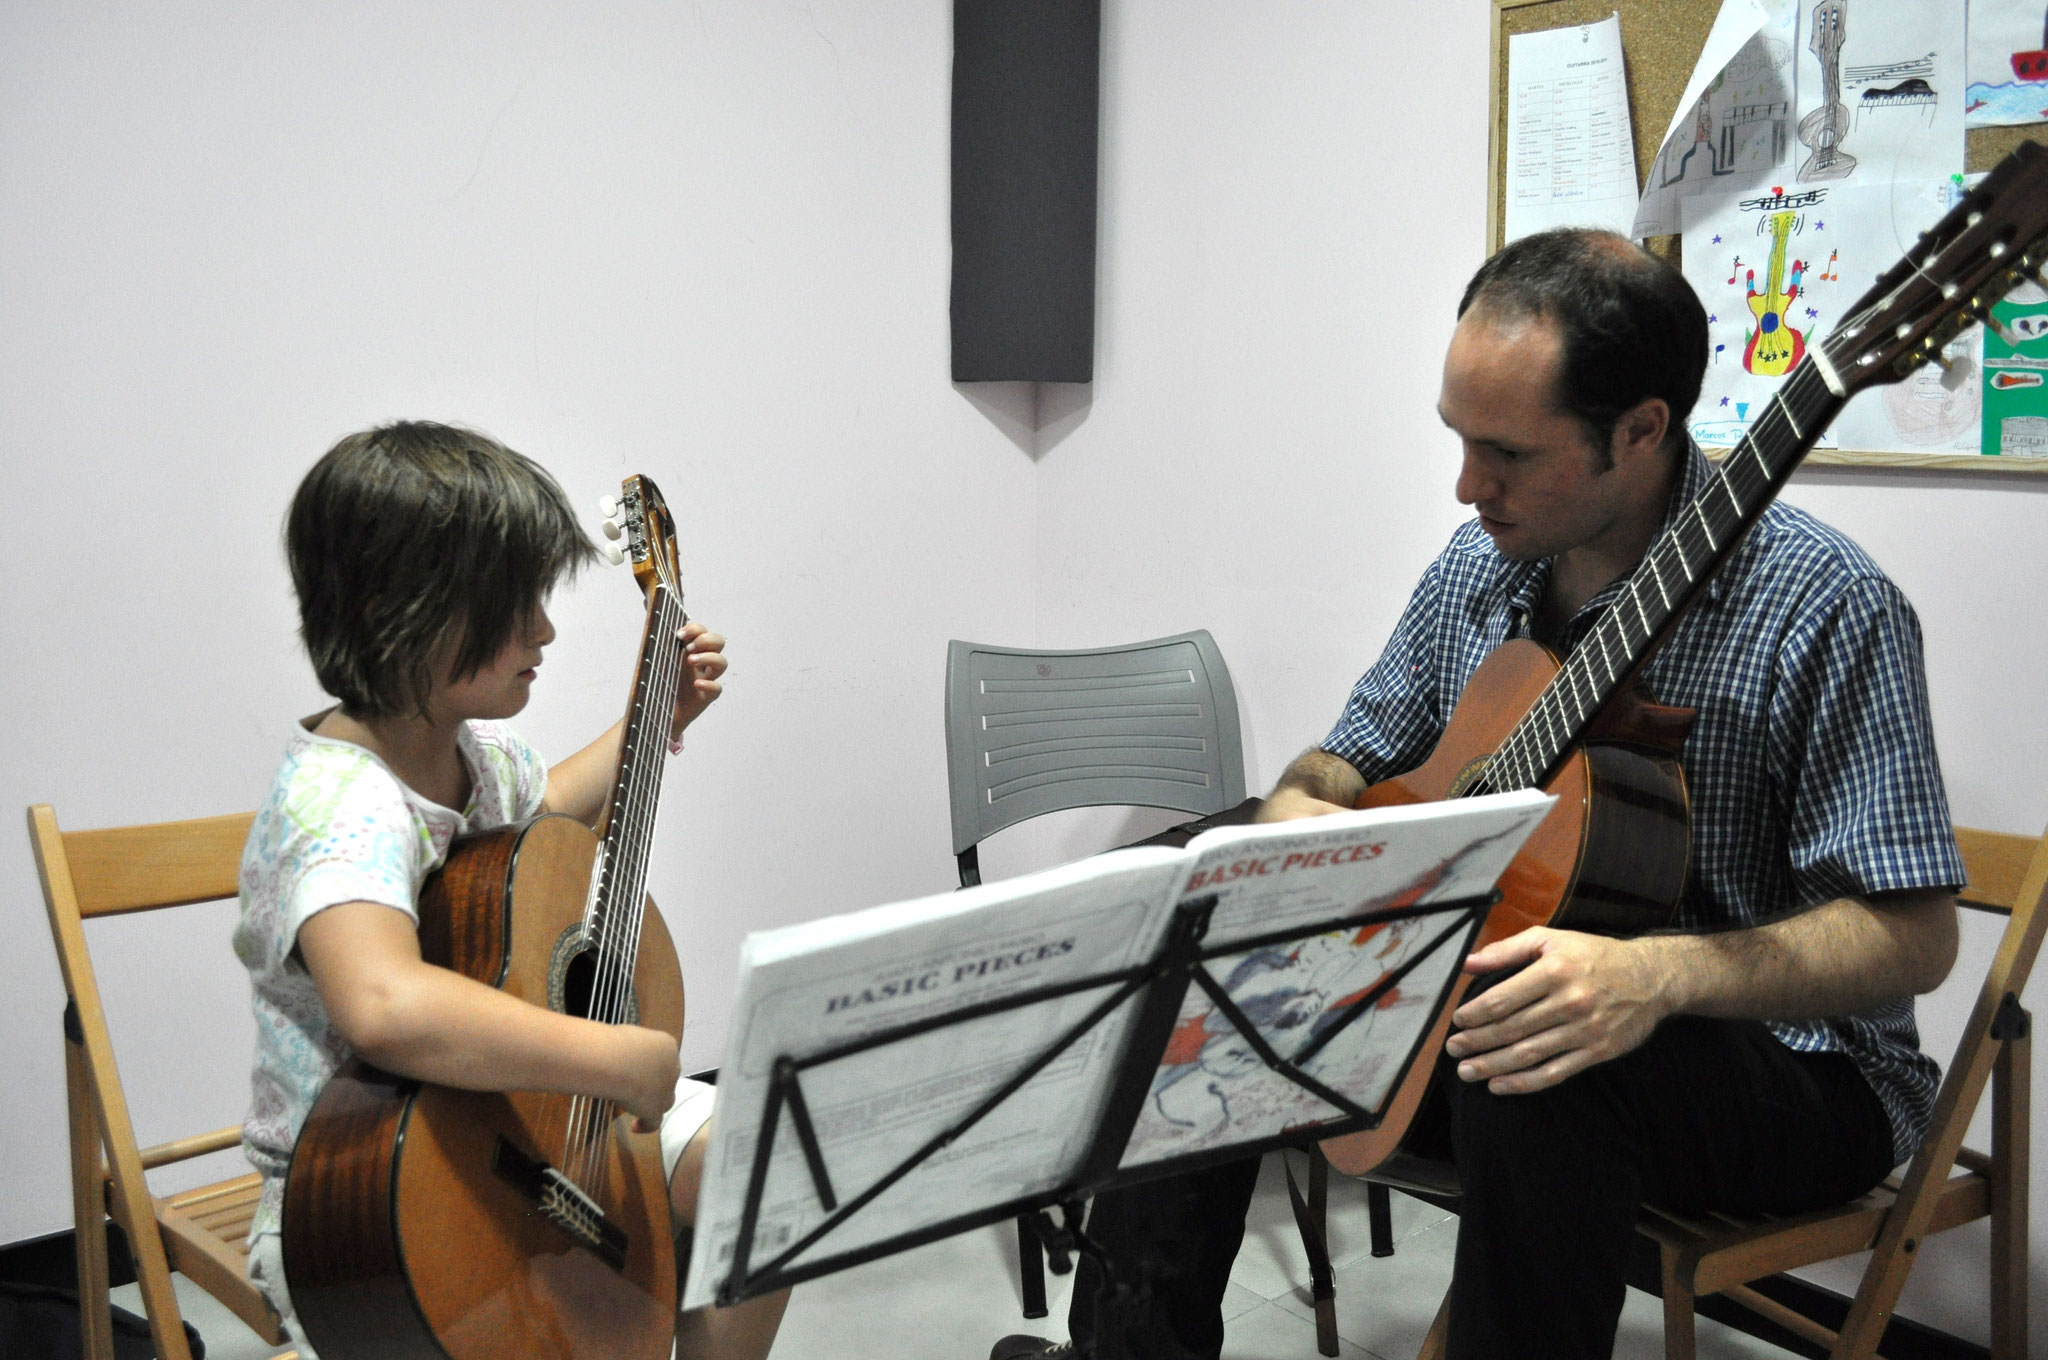 Clase de guitarra en la Escuela de Música Prolat